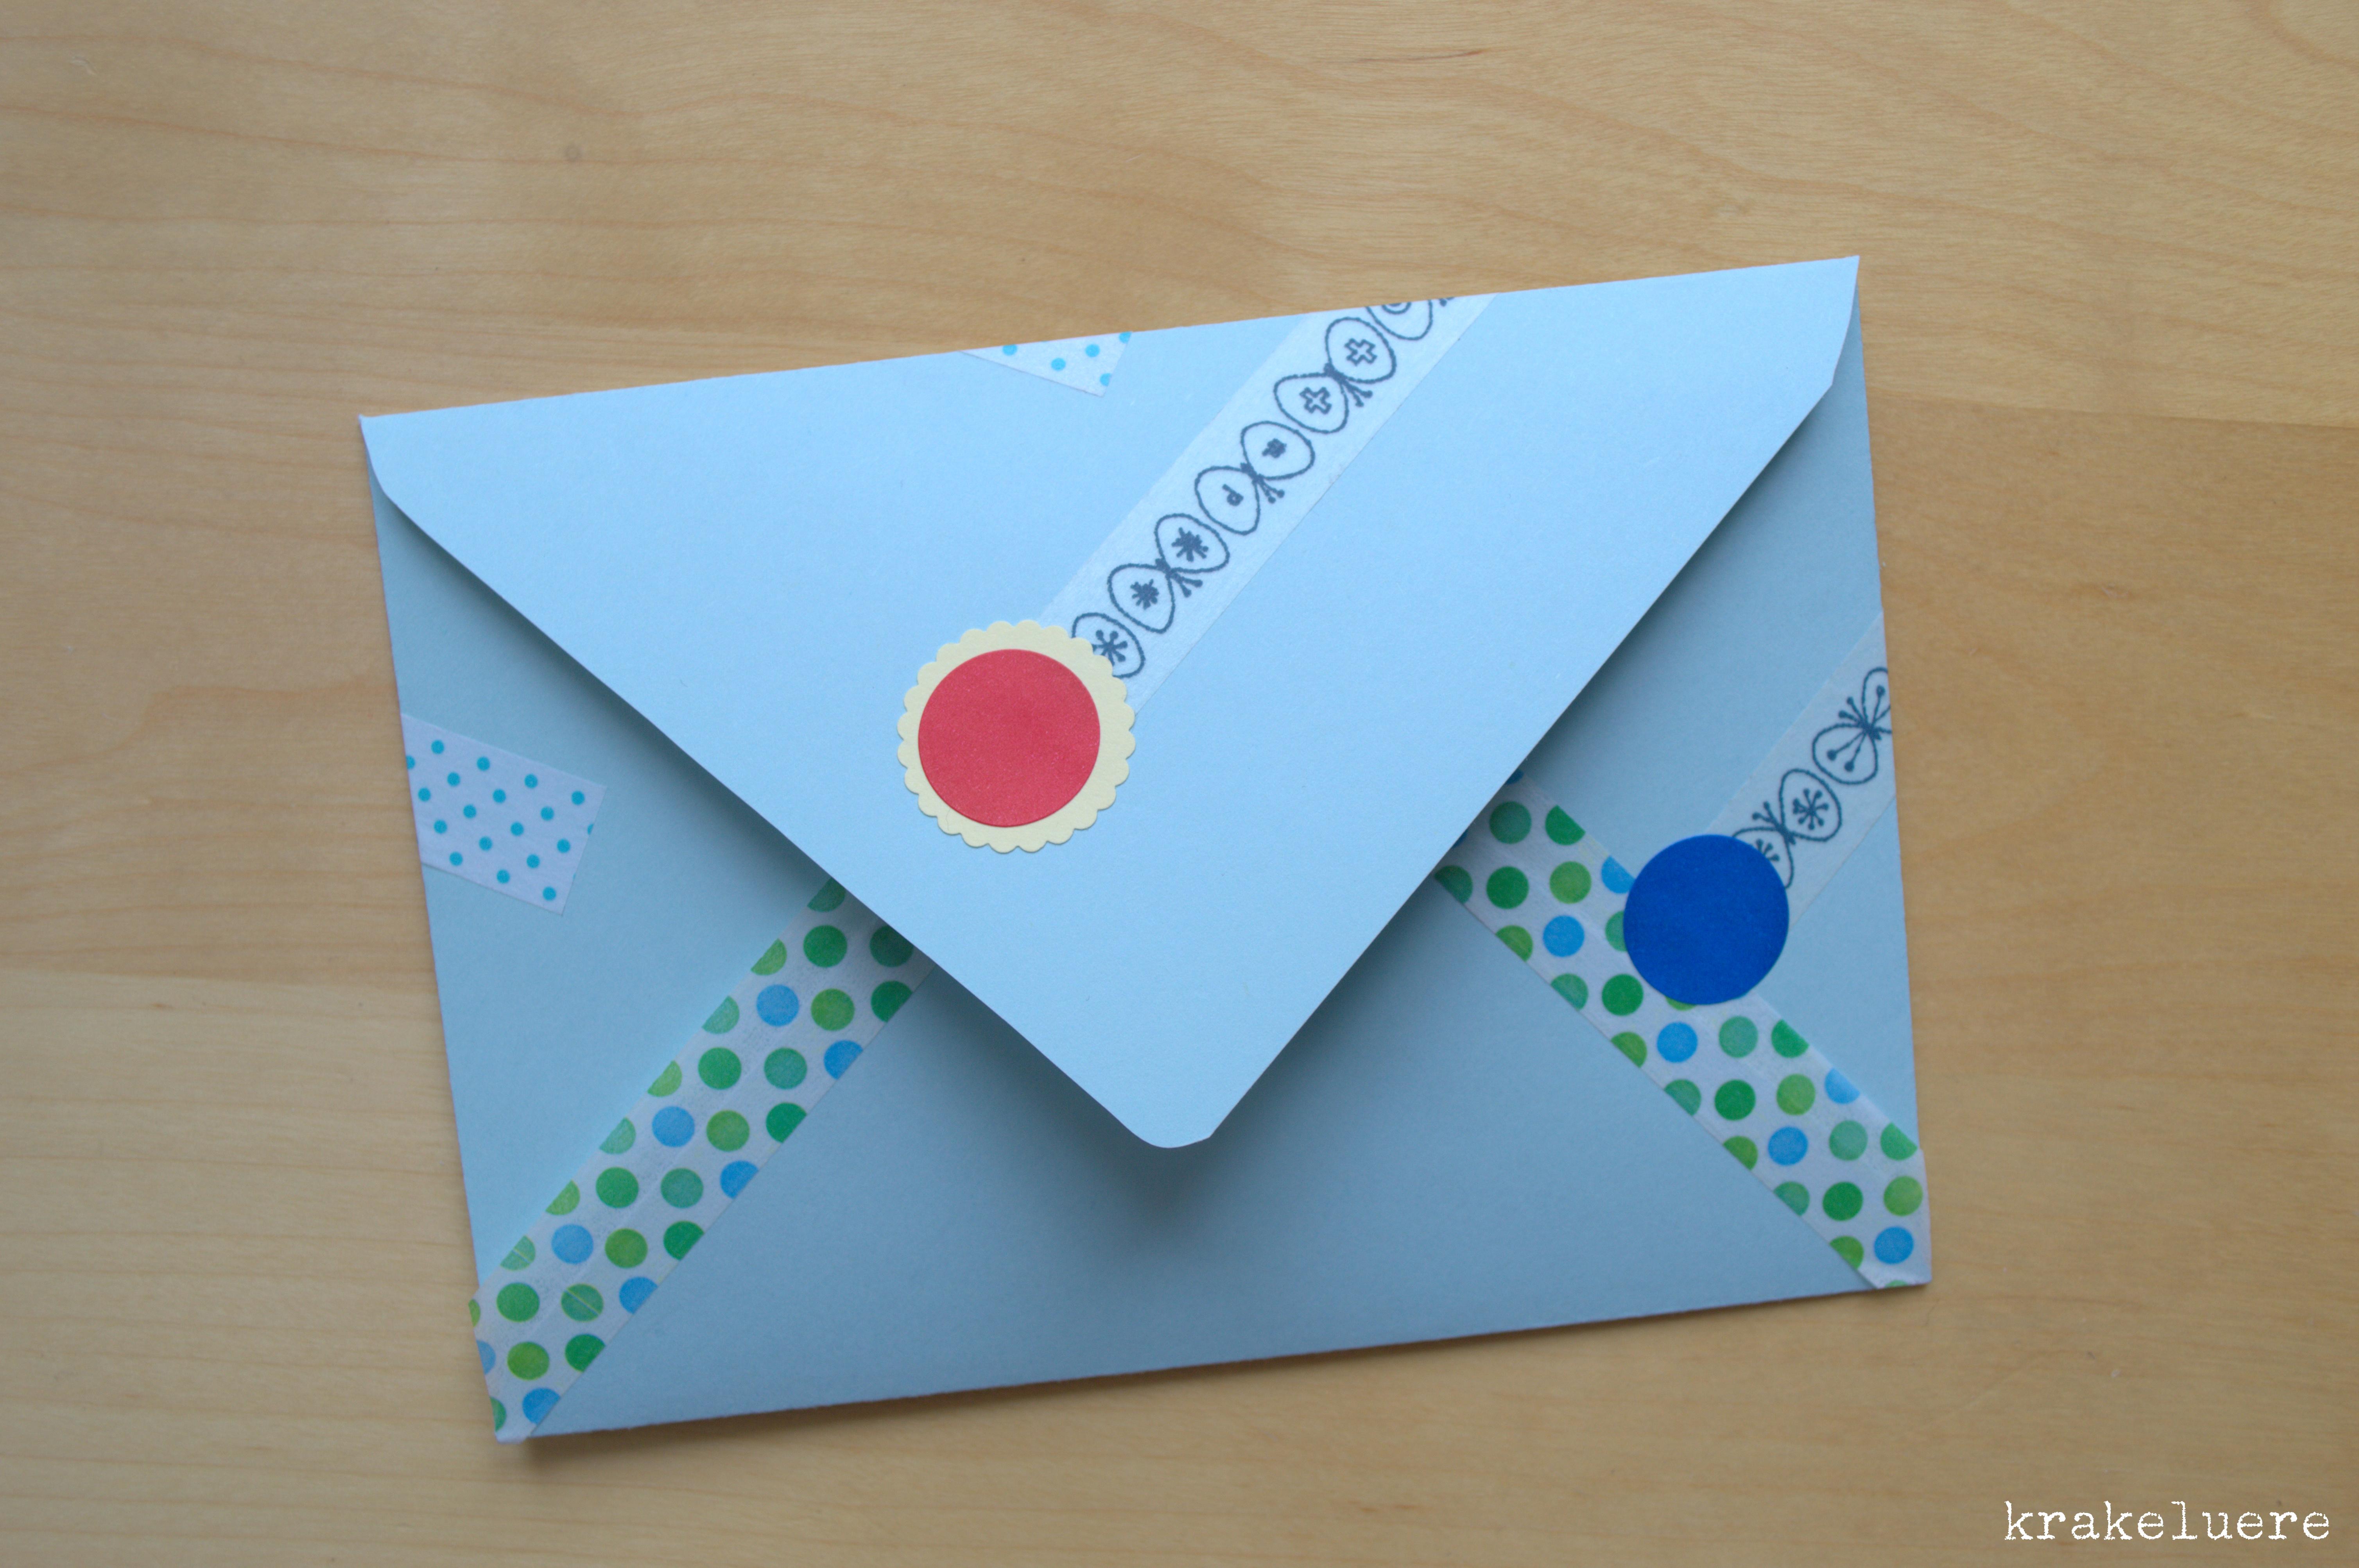 Krakeluerede Briefumschläge Basteln